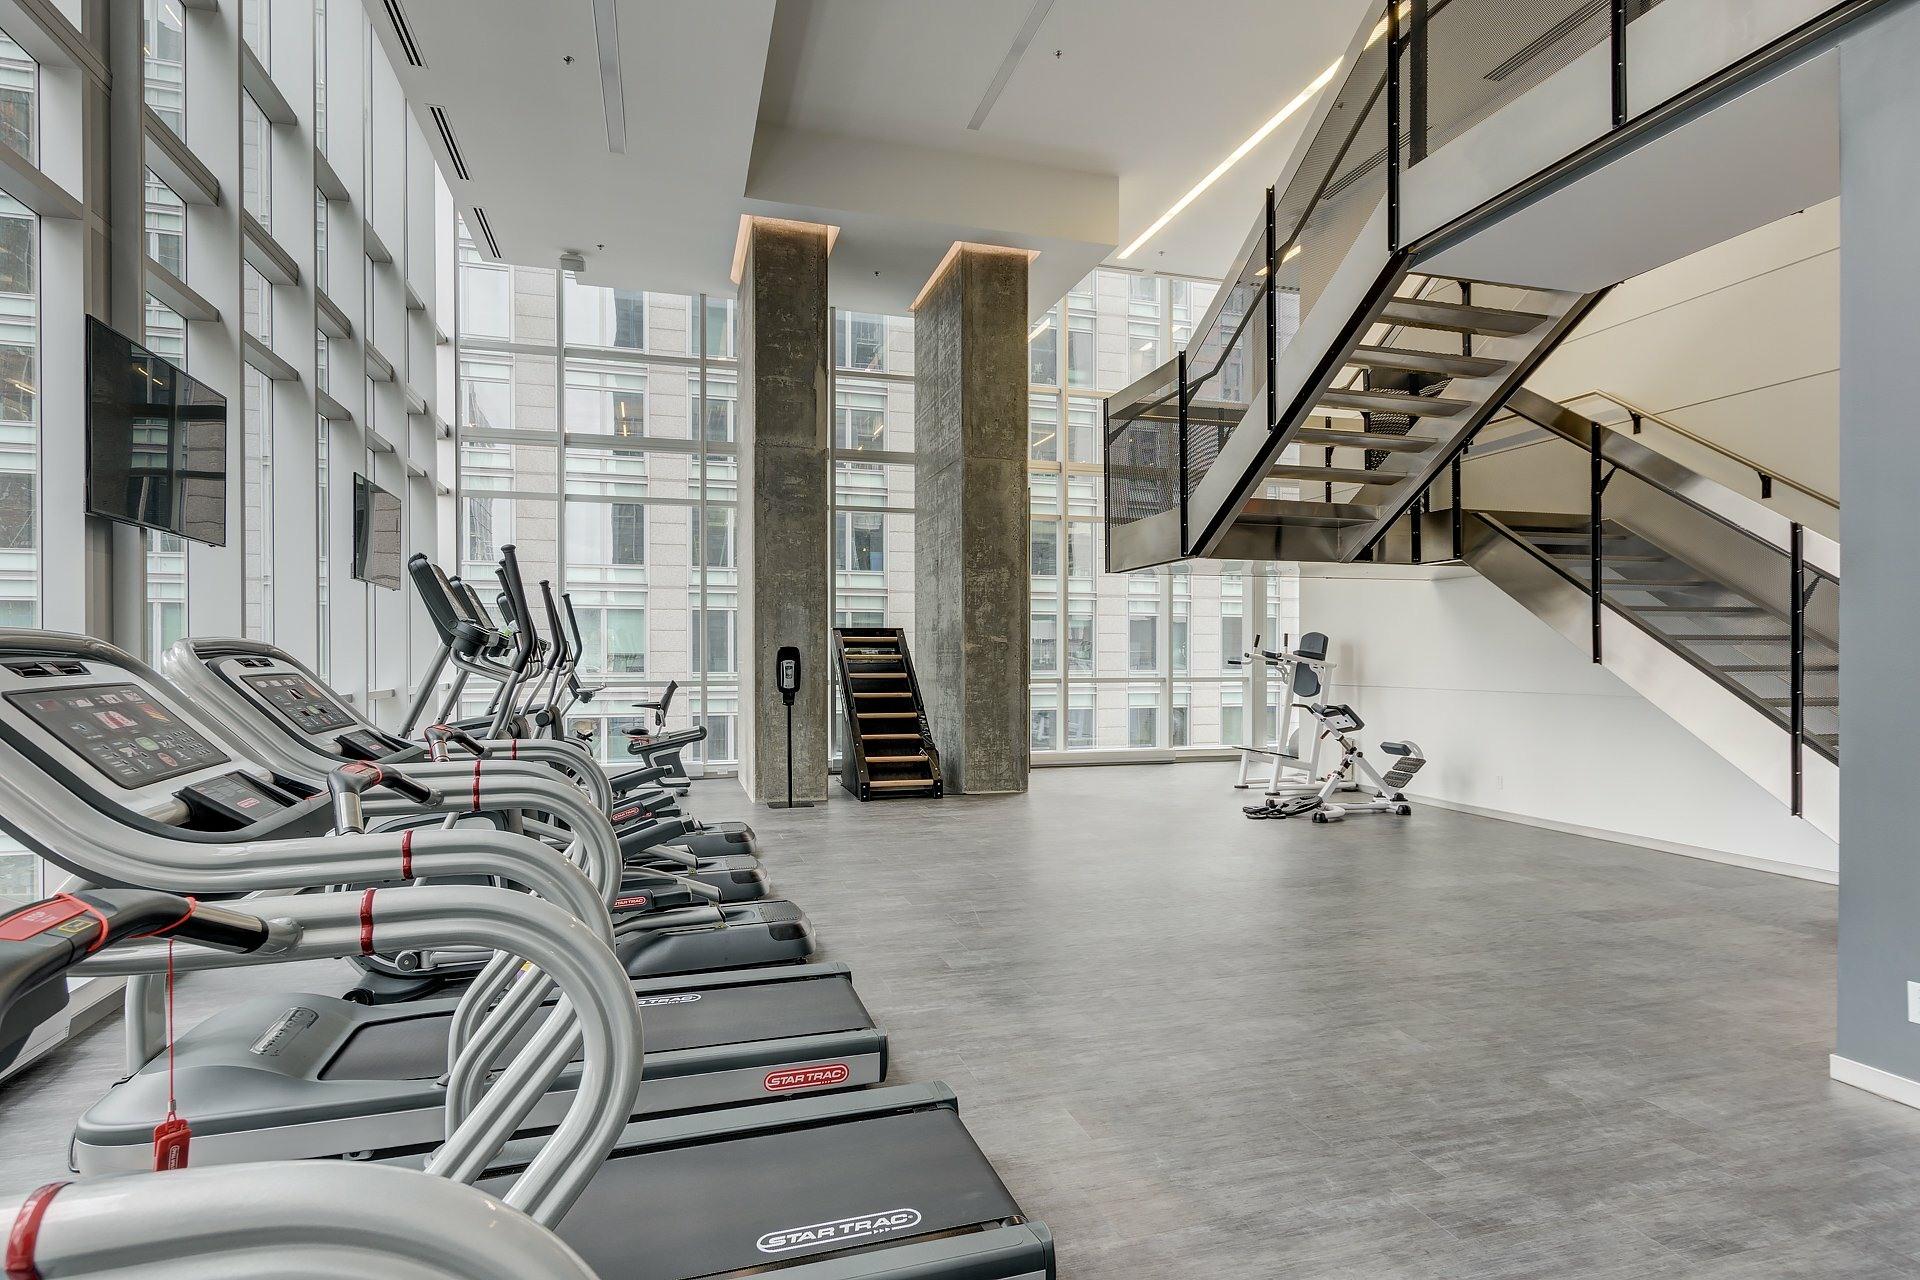 image 7 - Apartment For sale Montréal Ville-Marie  - 4 rooms